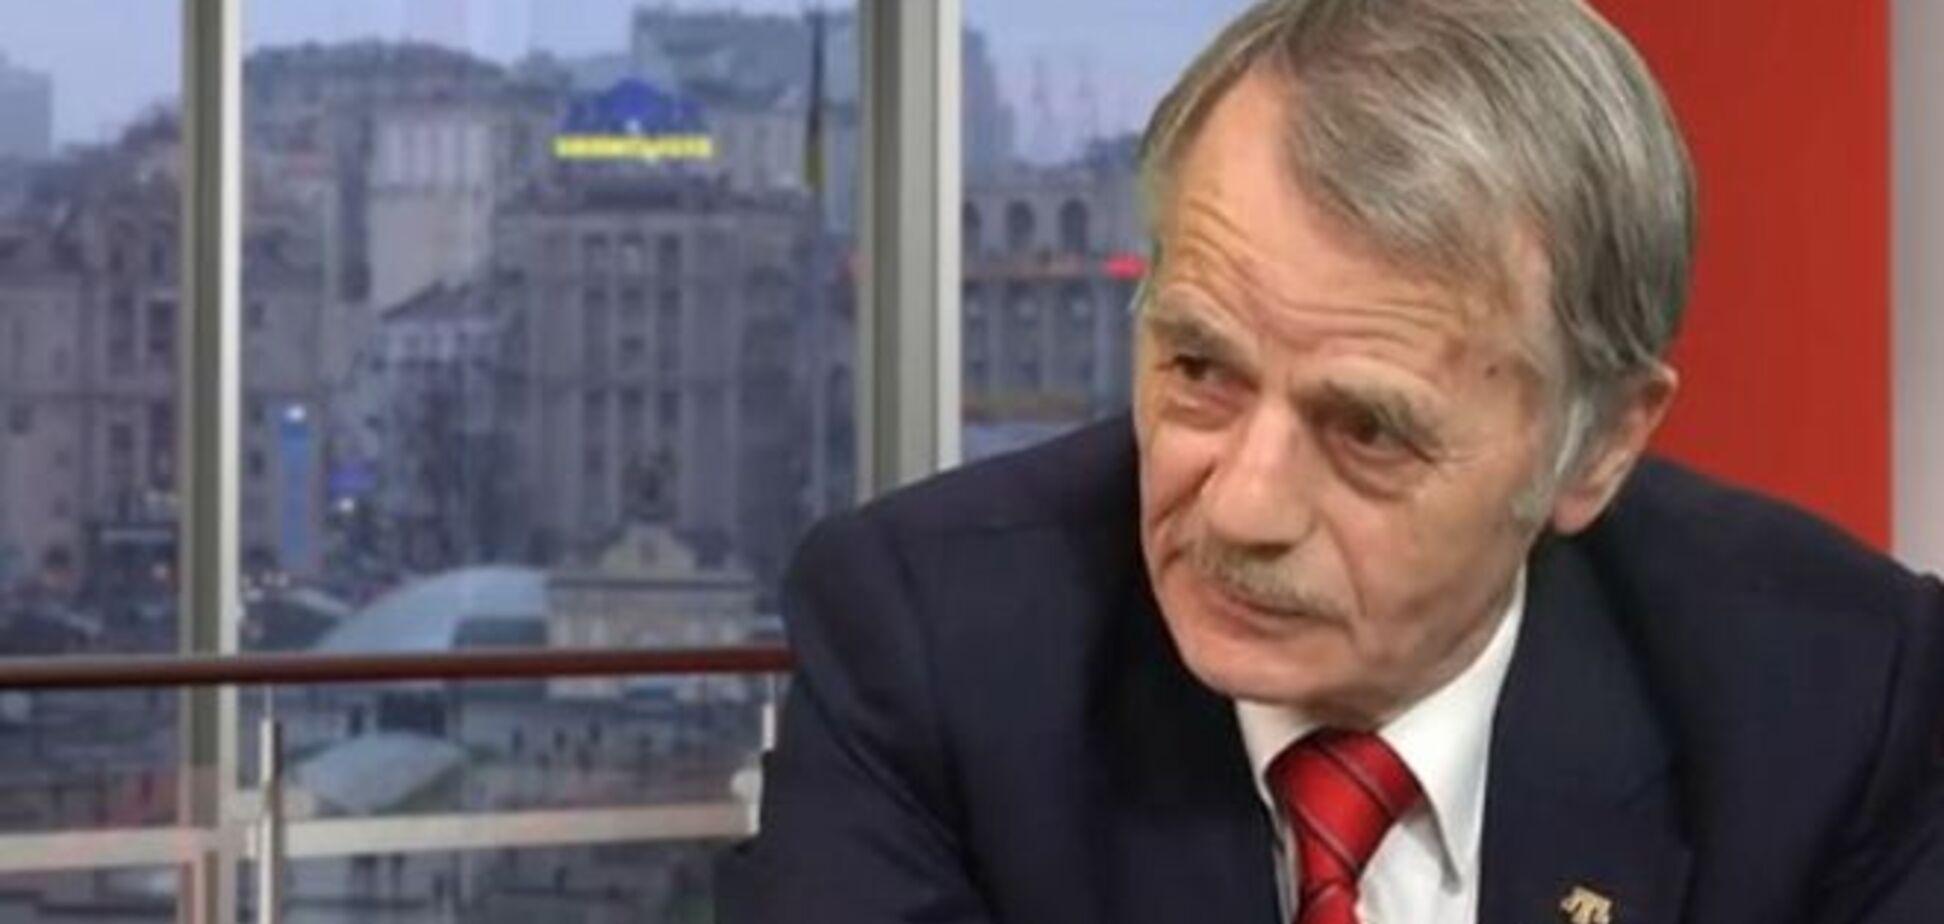 35 тысяч крымчан покинули оккупированный полуостров - Джемилев